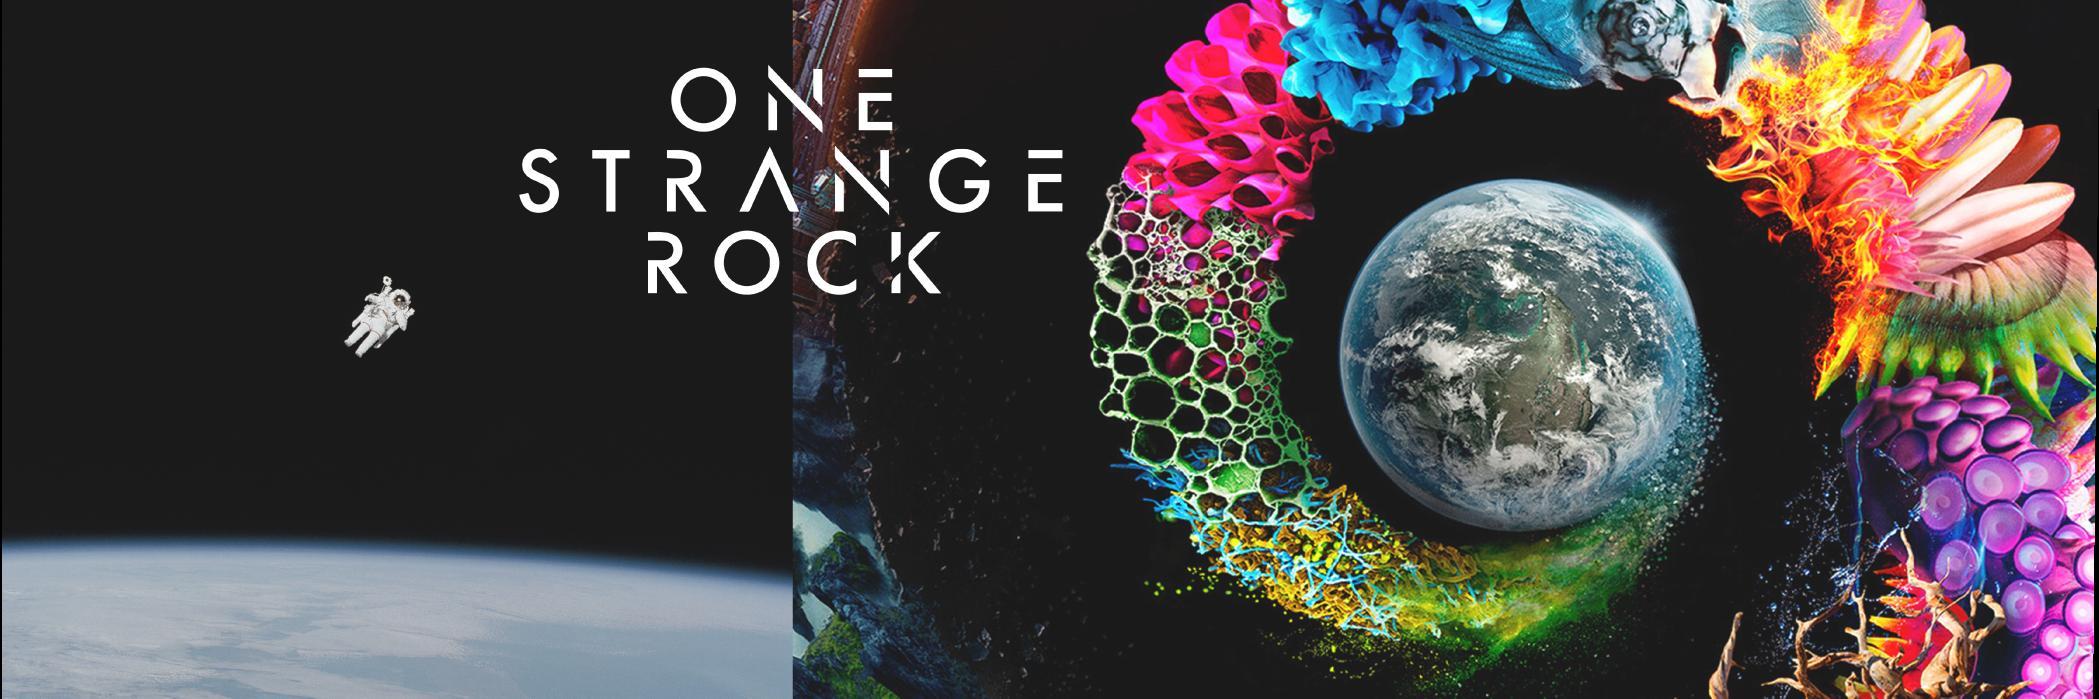 One Strange Rock on Netflix